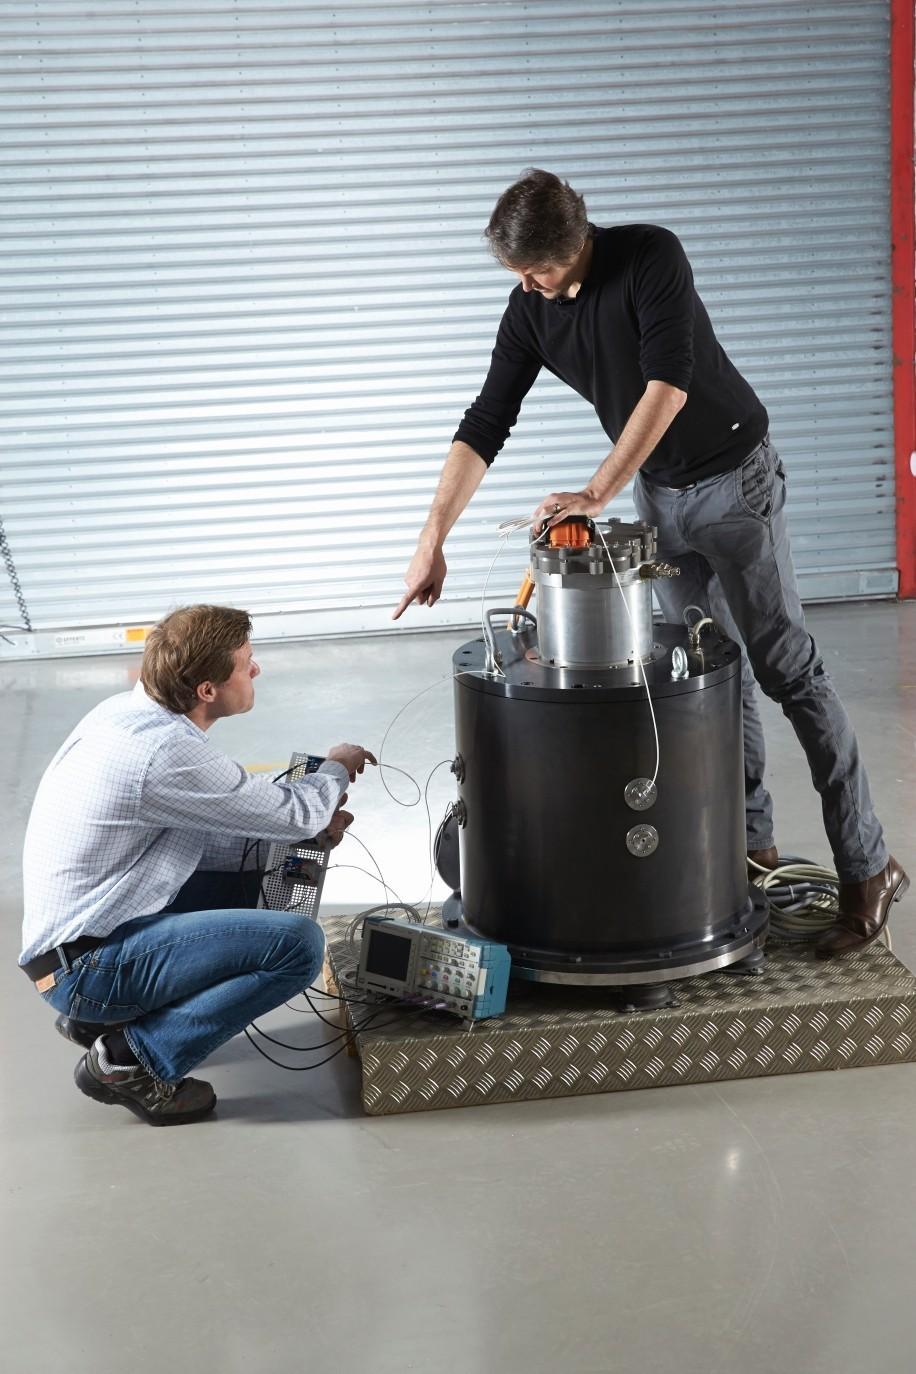 Systém představuje velmi rychlý záložní zdroj energie – na plné otáčky, tedy 9000 rotací za minutu, se generátor zvládne roztočit během 150 milisekund. Zařízení tak může vpřípadě výpadku dodávky elektrické energie sloužit kpřeklenutí doby mezi výpadkem a naskočením záložního agregátu, které je časově nesrovnatelně náročnější.